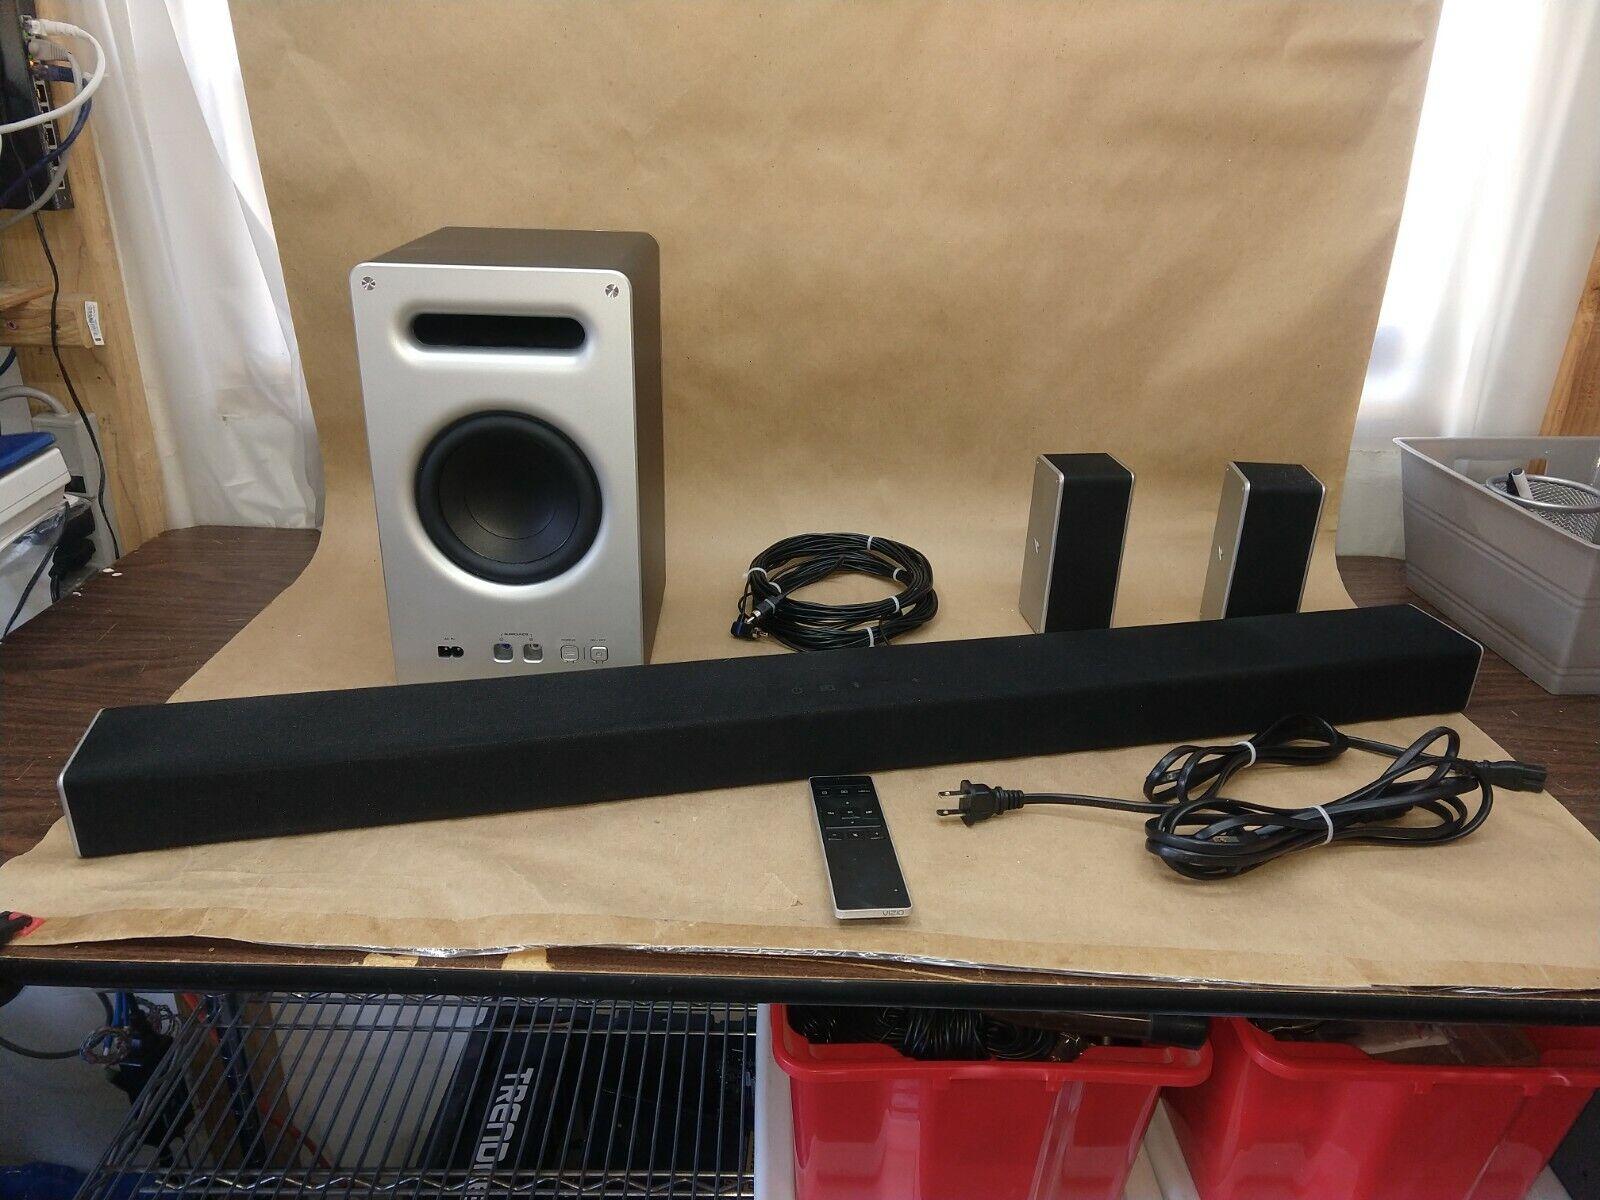 VIZIO SB3651-E6 5.1 SmartCast SoundBar System Home Theater Speaker With Wireless - $64.99